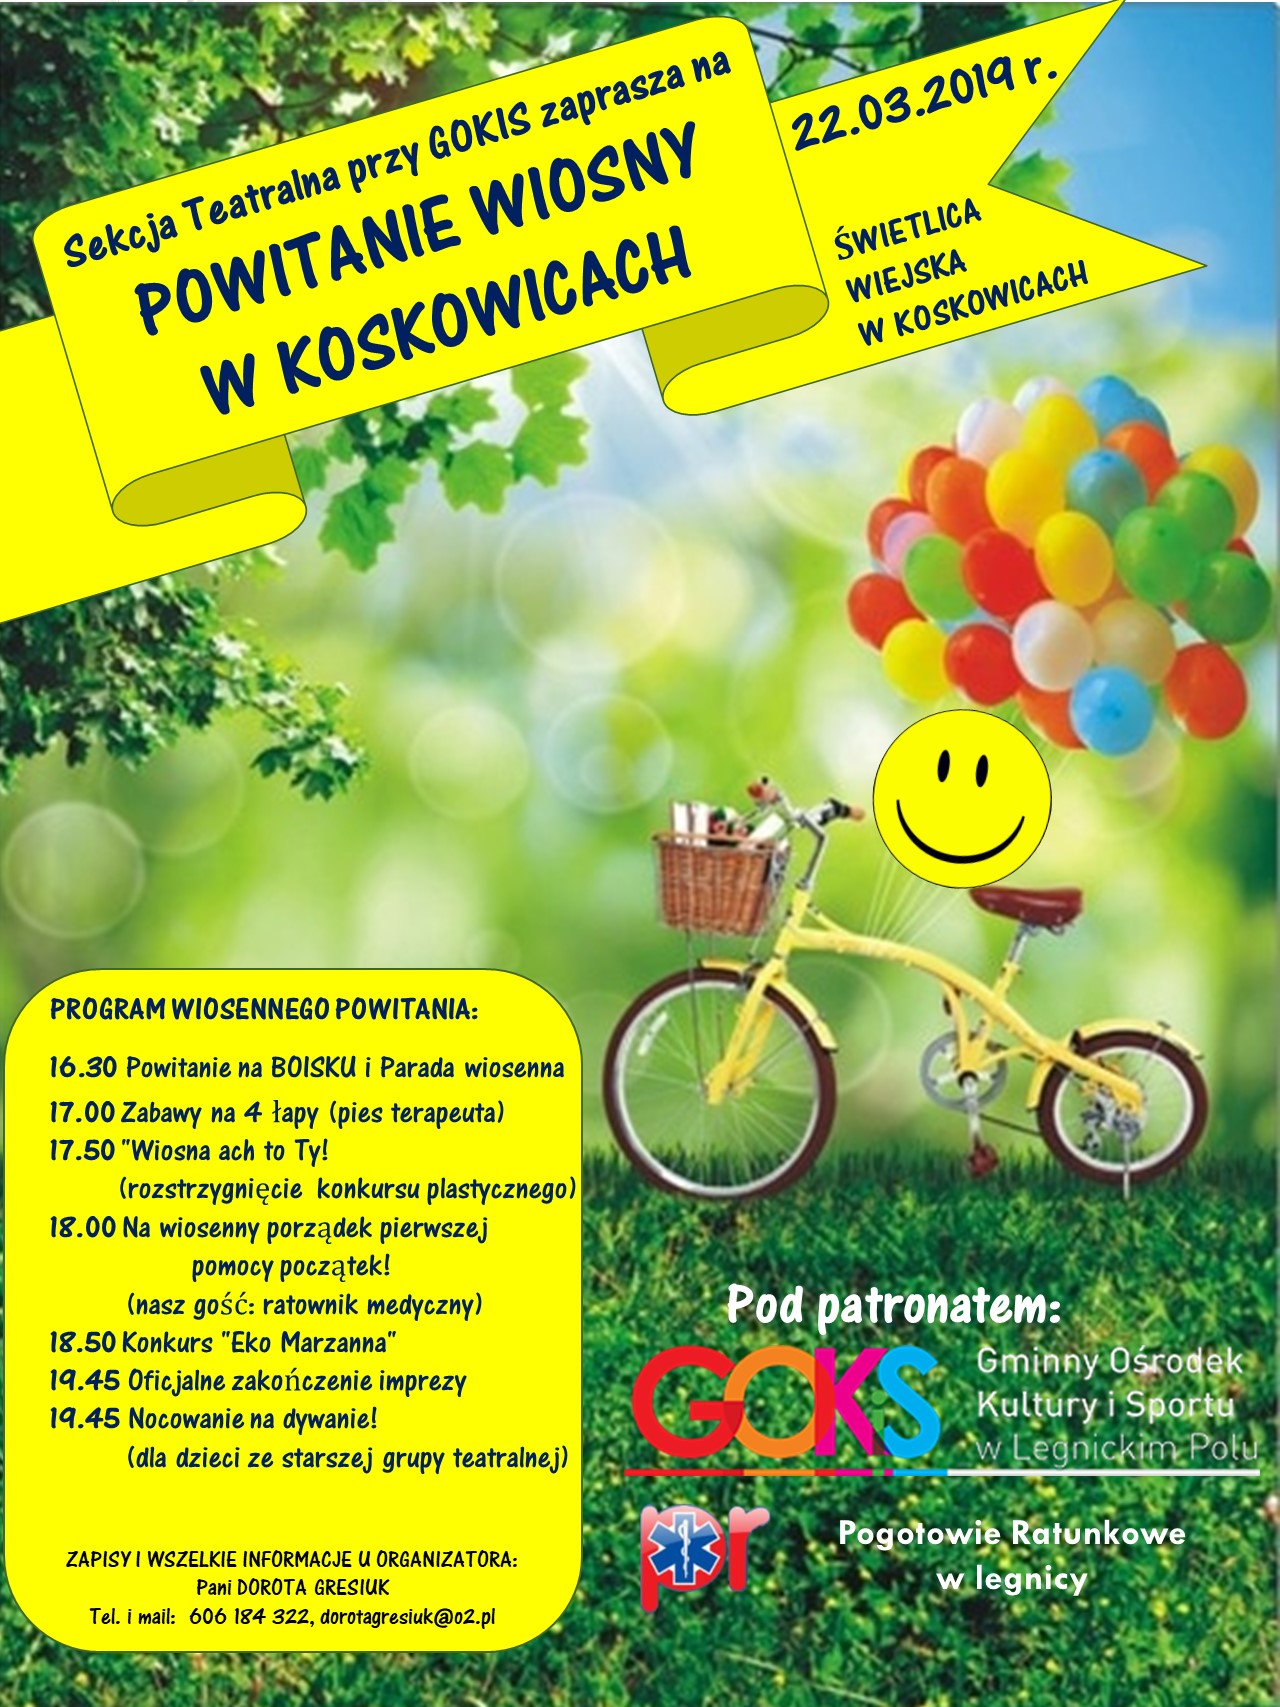 Powitanie wiosny w Koskowicach - sekcja teatralna